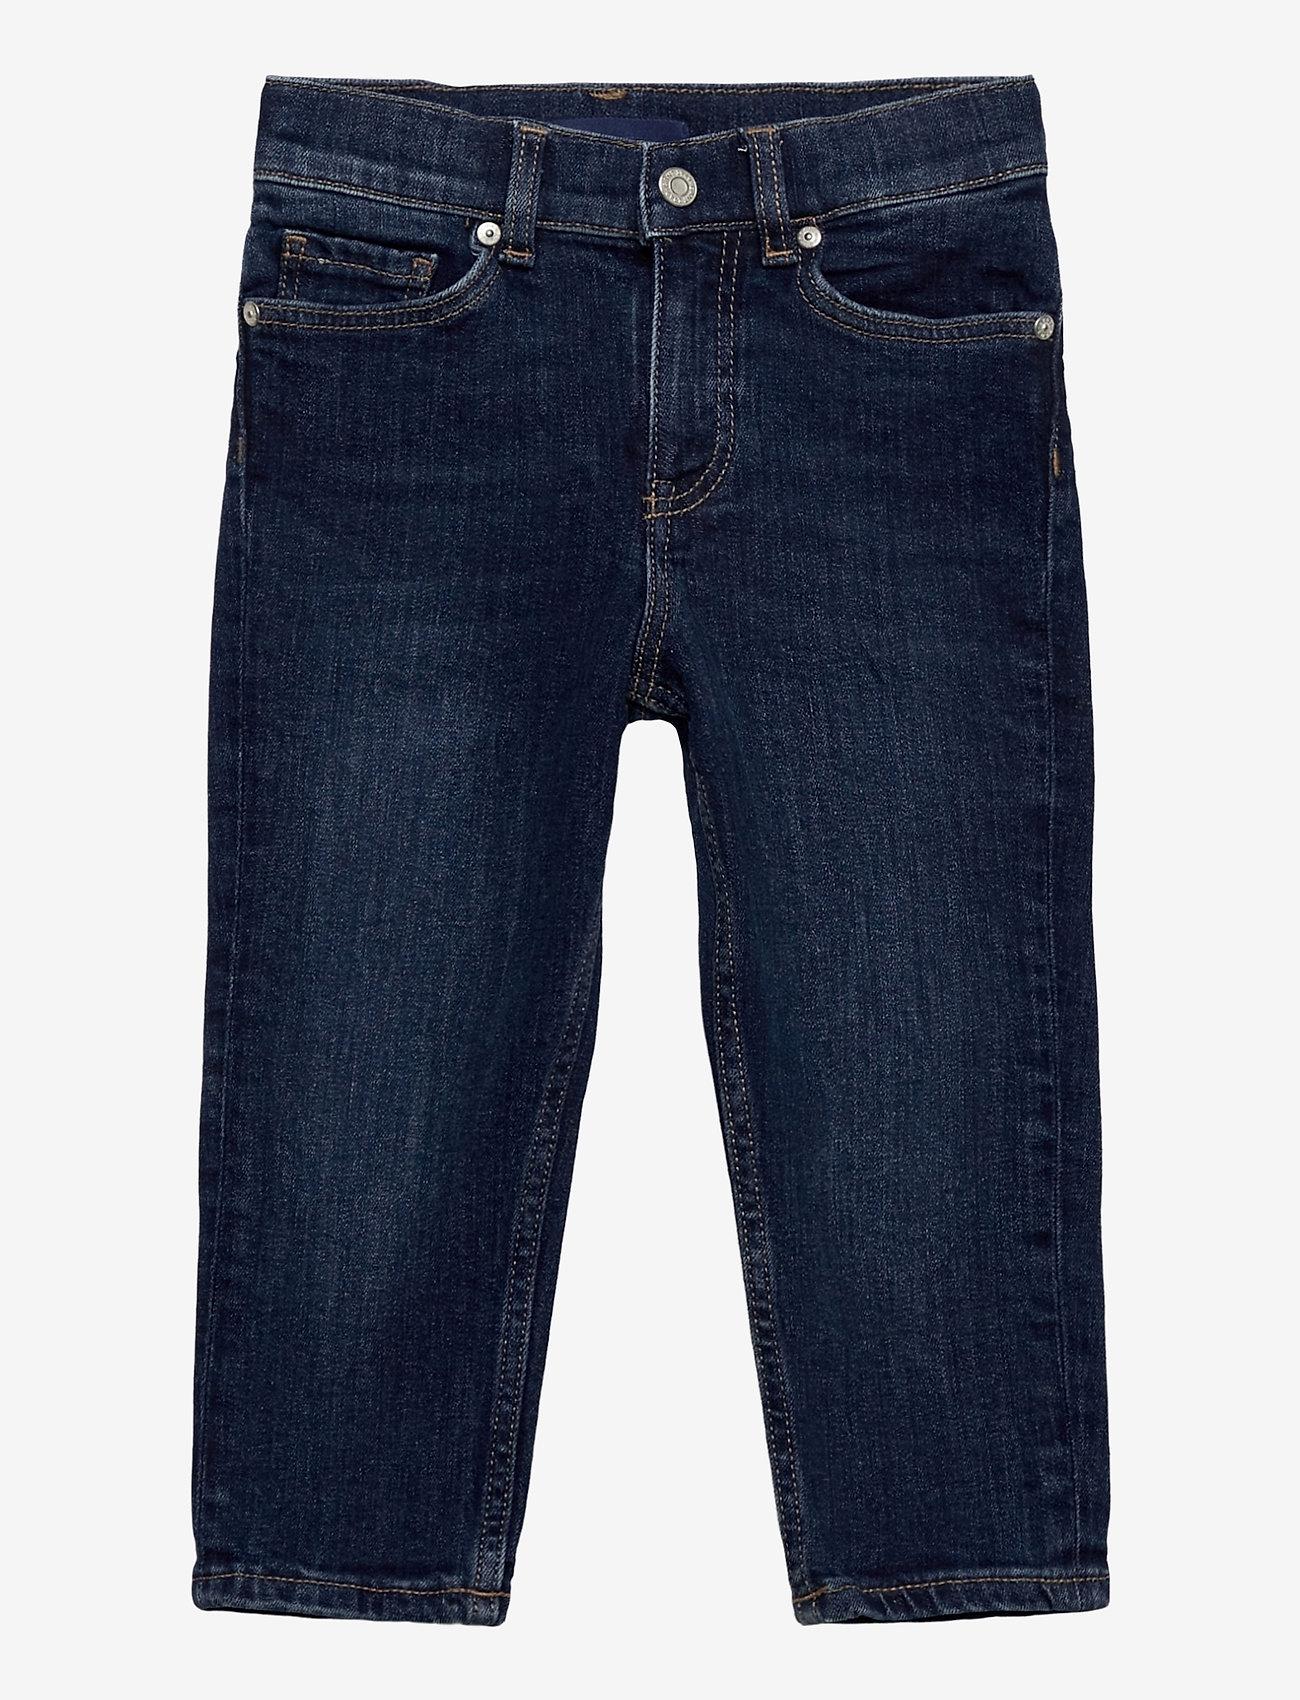 GANT - D1. DENIM JEANS - jeans - dark blue worn in - 0